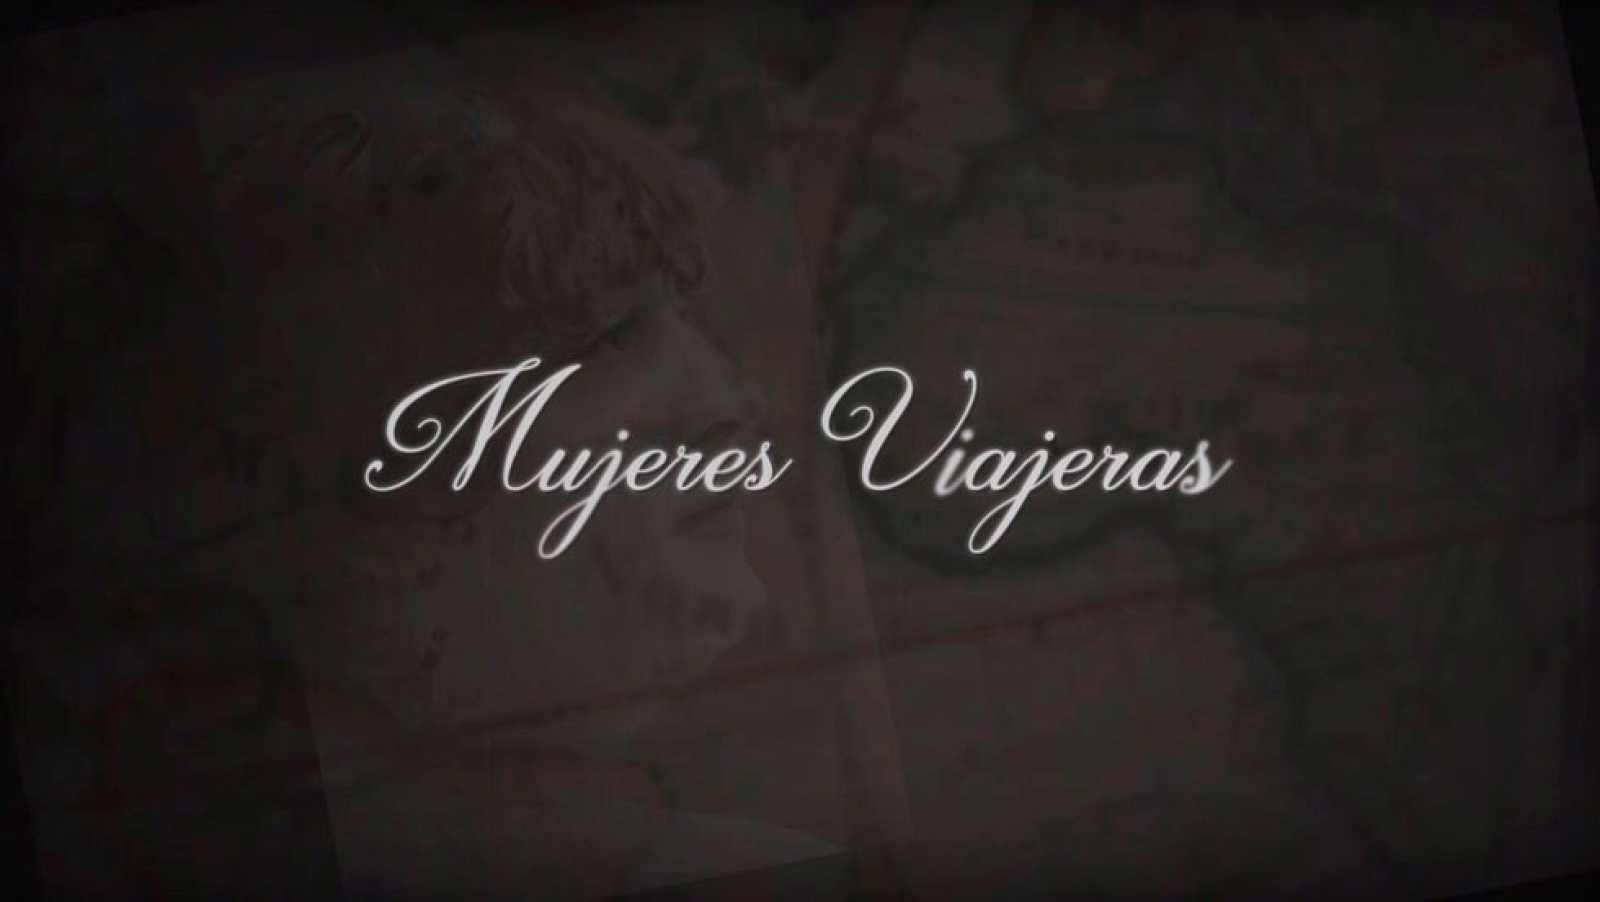 Mujeres Viajeras - Cabecera de la serie